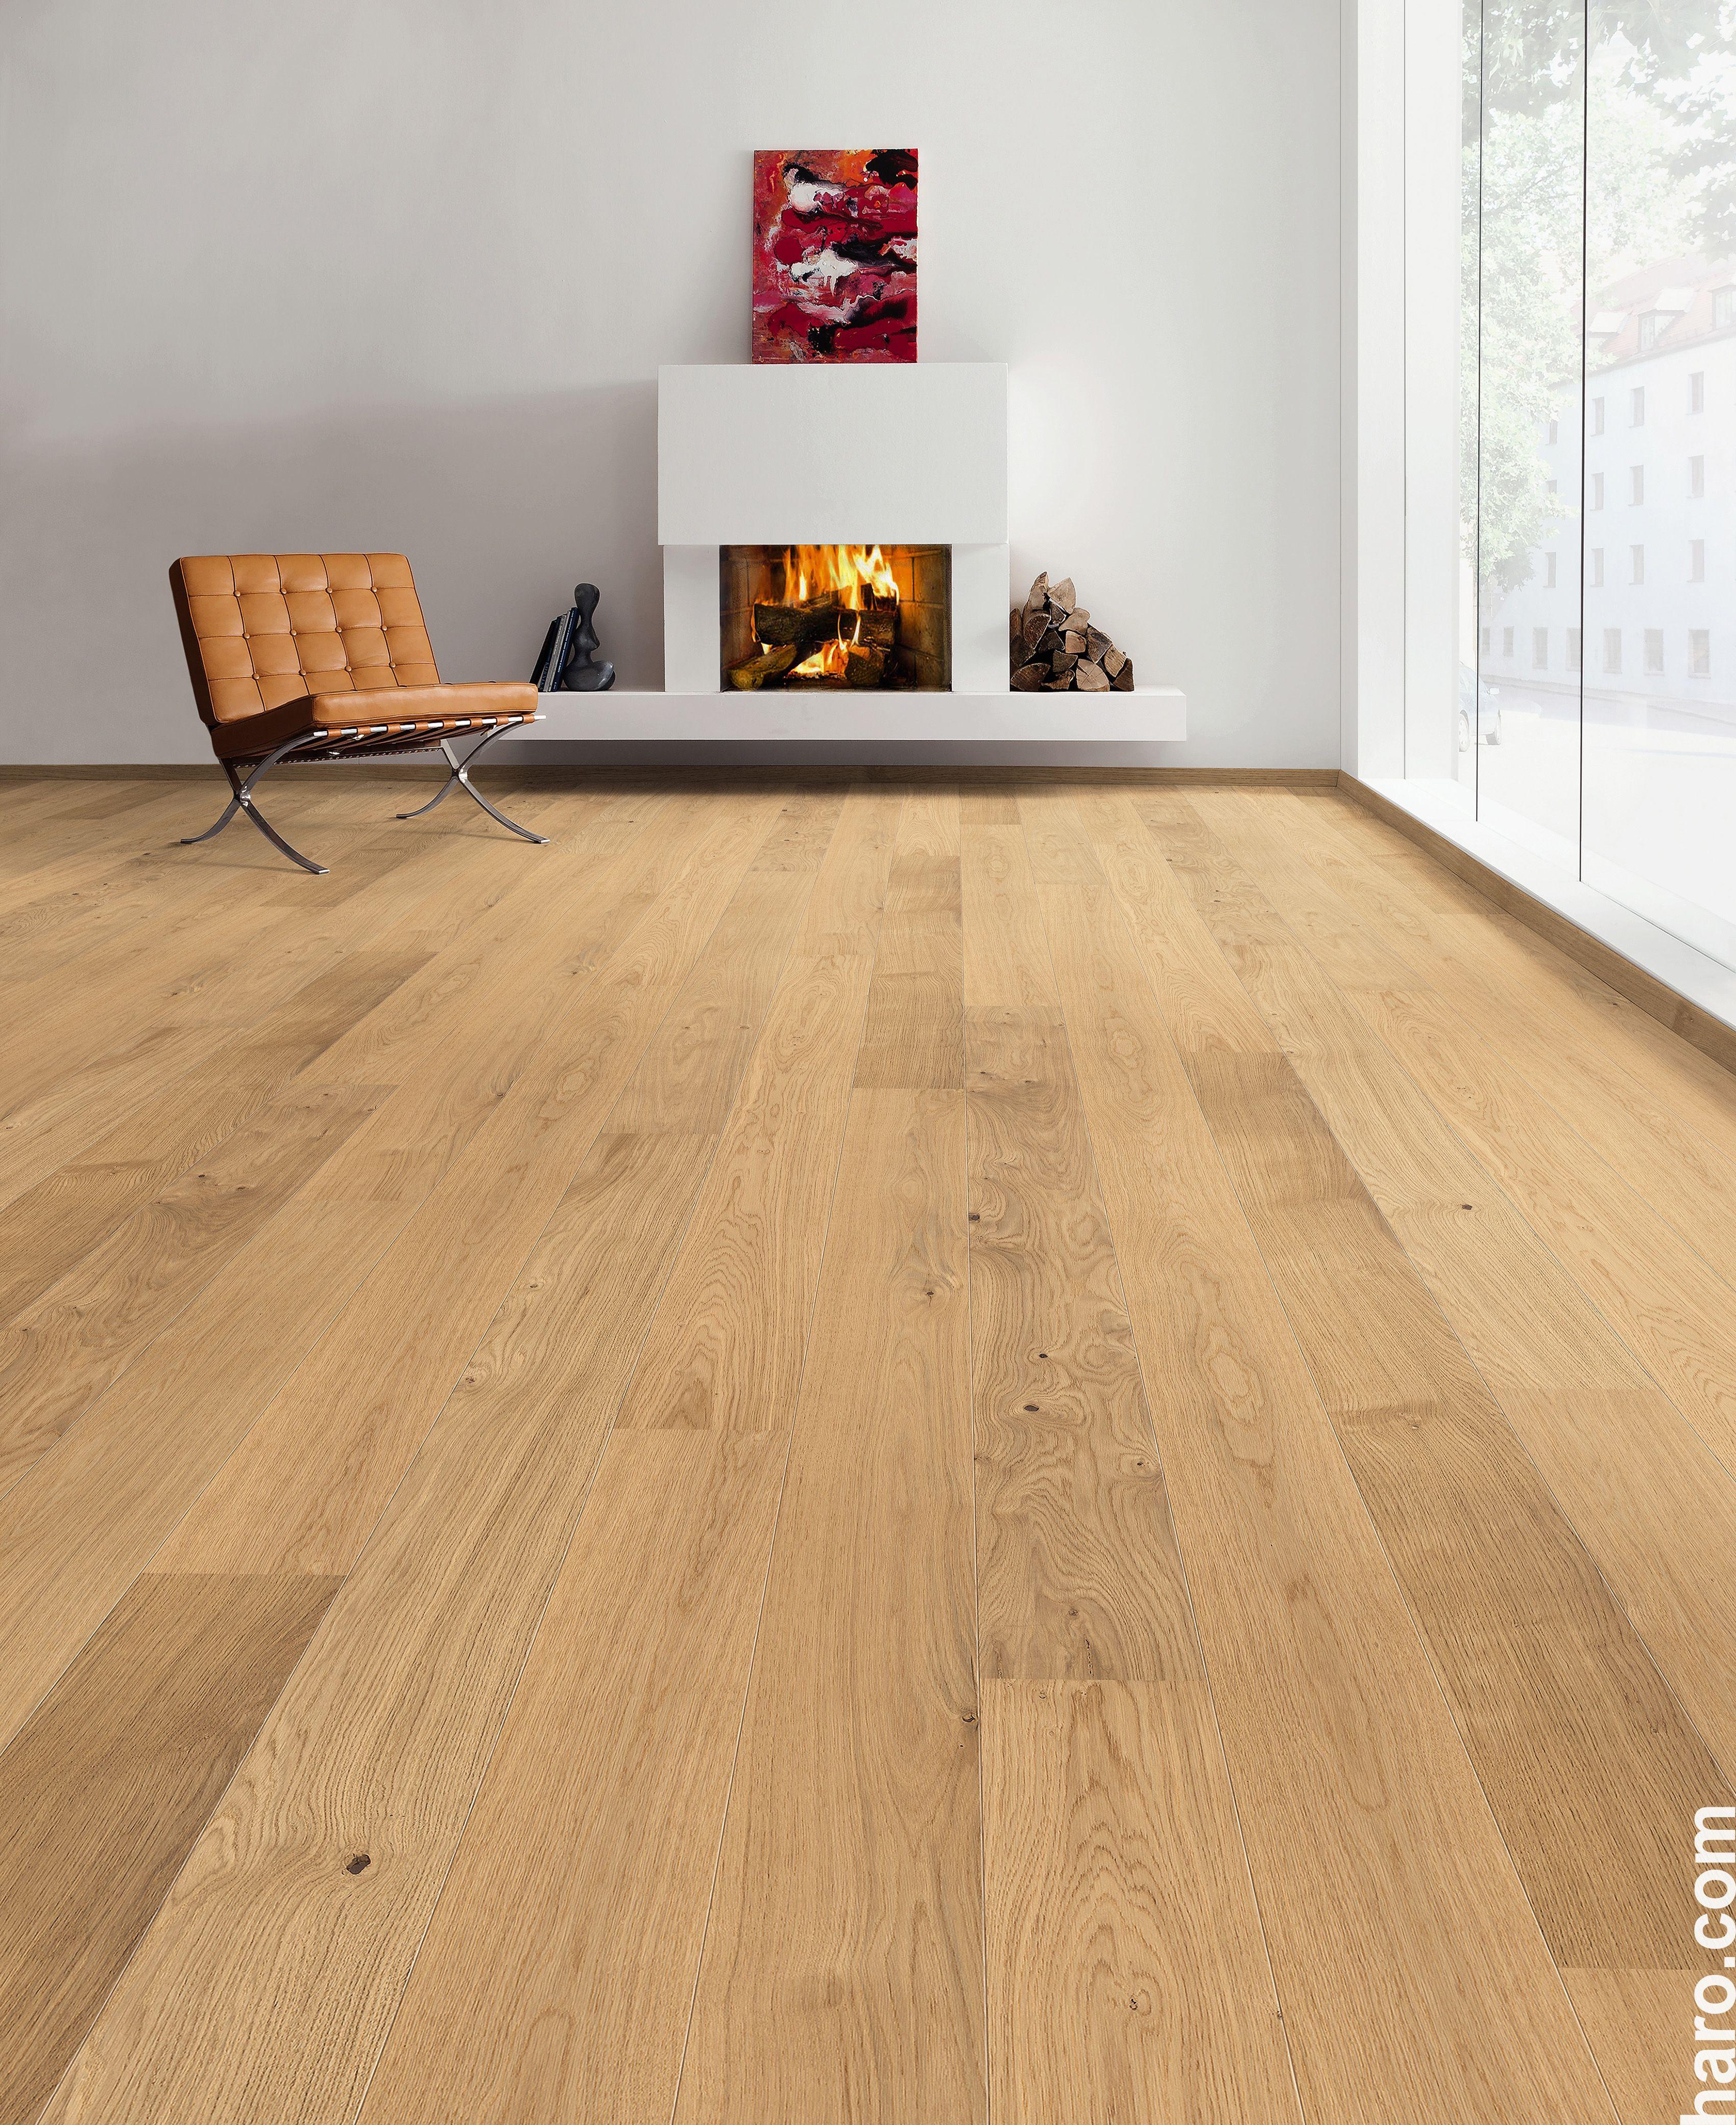 hardwood flooring 2016 of haro parkett 4000 landhausdiele 2v eiche markant strukturiert biotec in die parkett landhausdiele eiche markant strukturiert bringt wa¤rme und gema¼tlichkeit in jedes wohnzimmer parquet haro